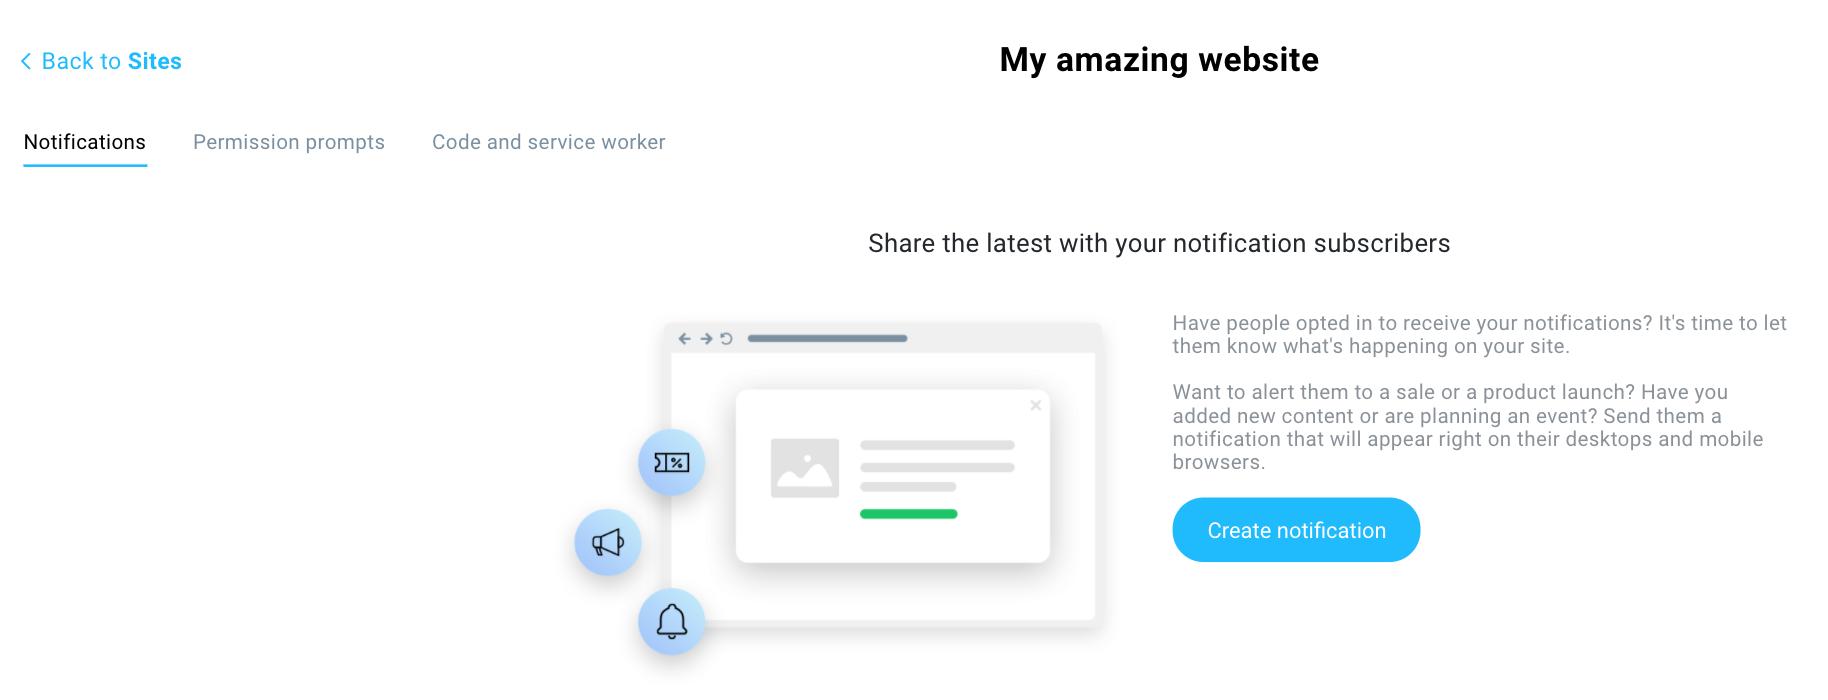 кнопка создать web push уведомления в GetResponse